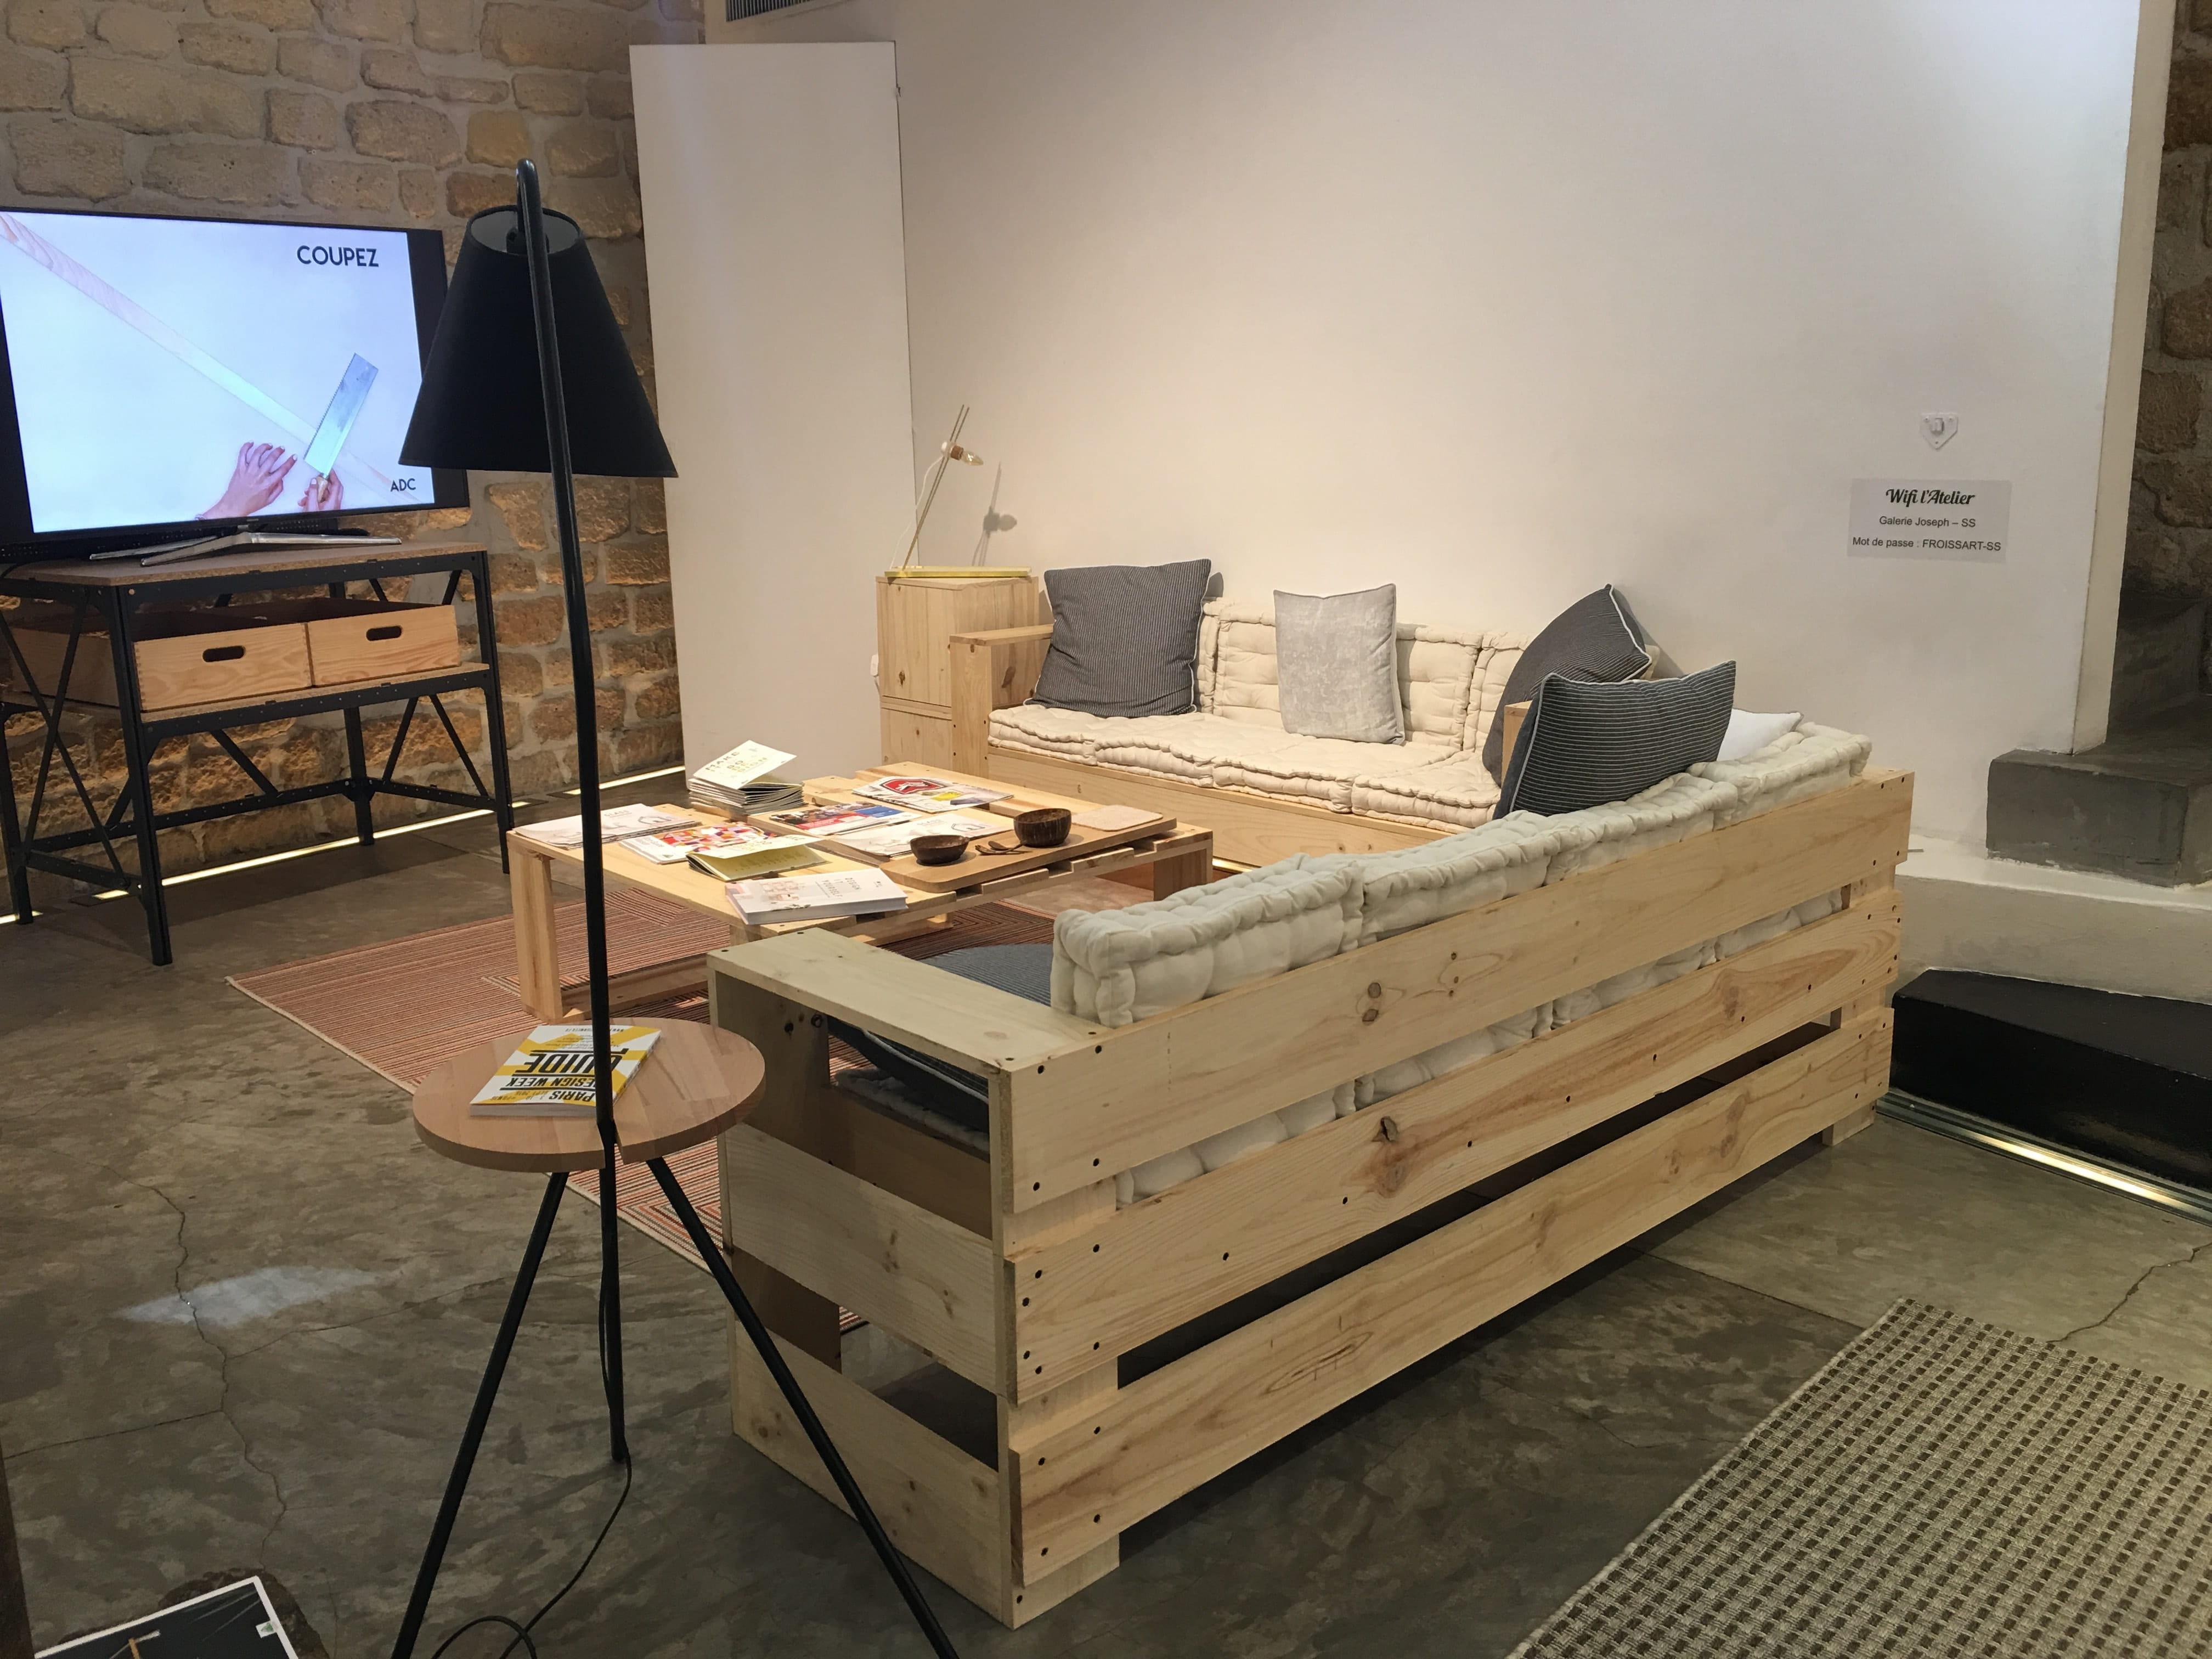 conseils d 39 ami pour am nager son premier appartement. Black Bedroom Furniture Sets. Home Design Ideas